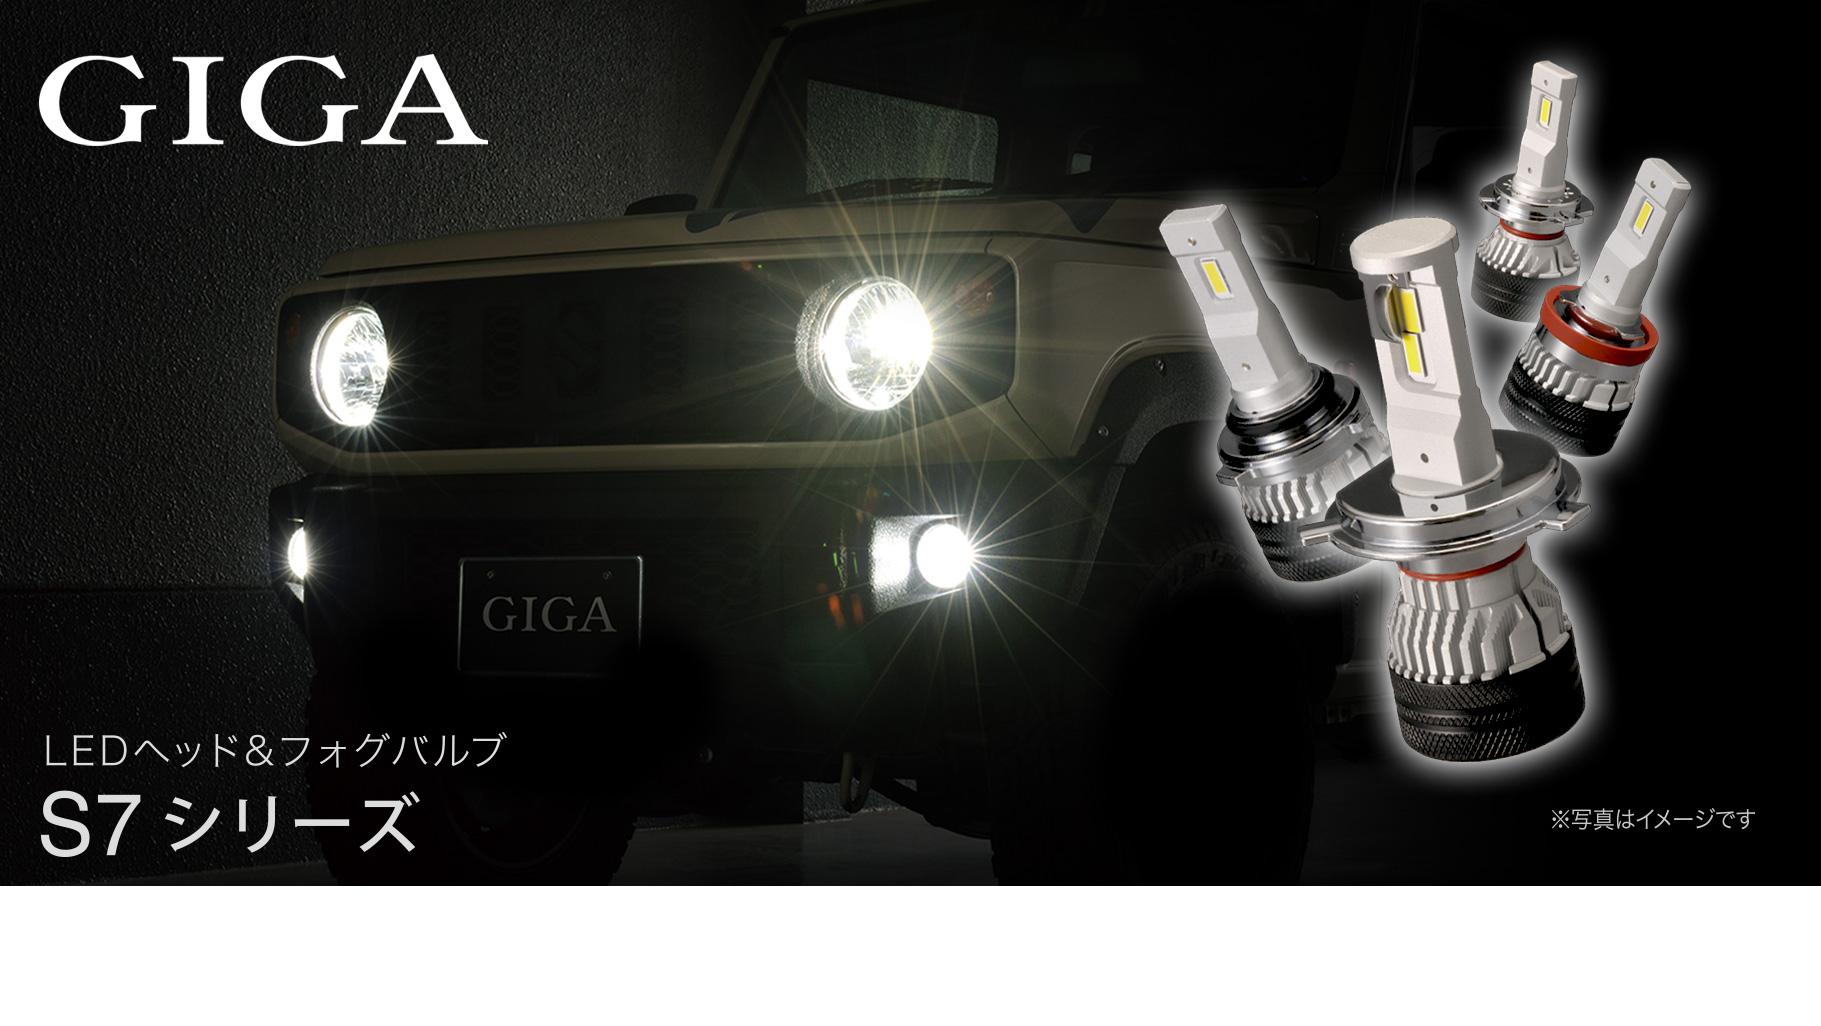 カーメイト giga ライト・バルブ